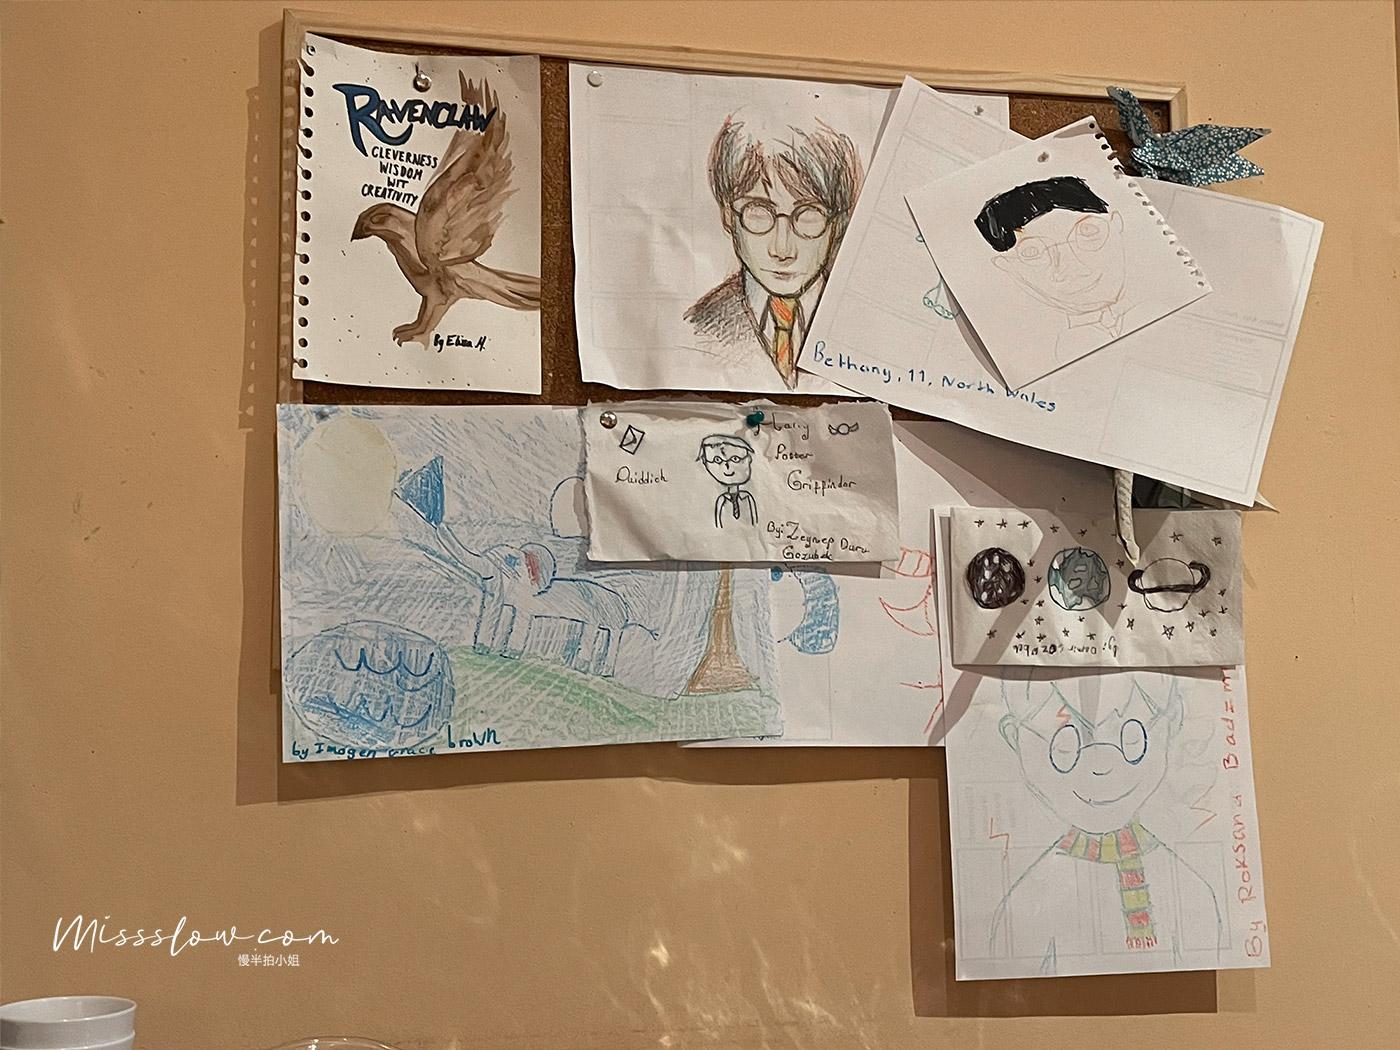 大象咖啡館-J·K羅琳創作《哈利波特》的咖啡廳